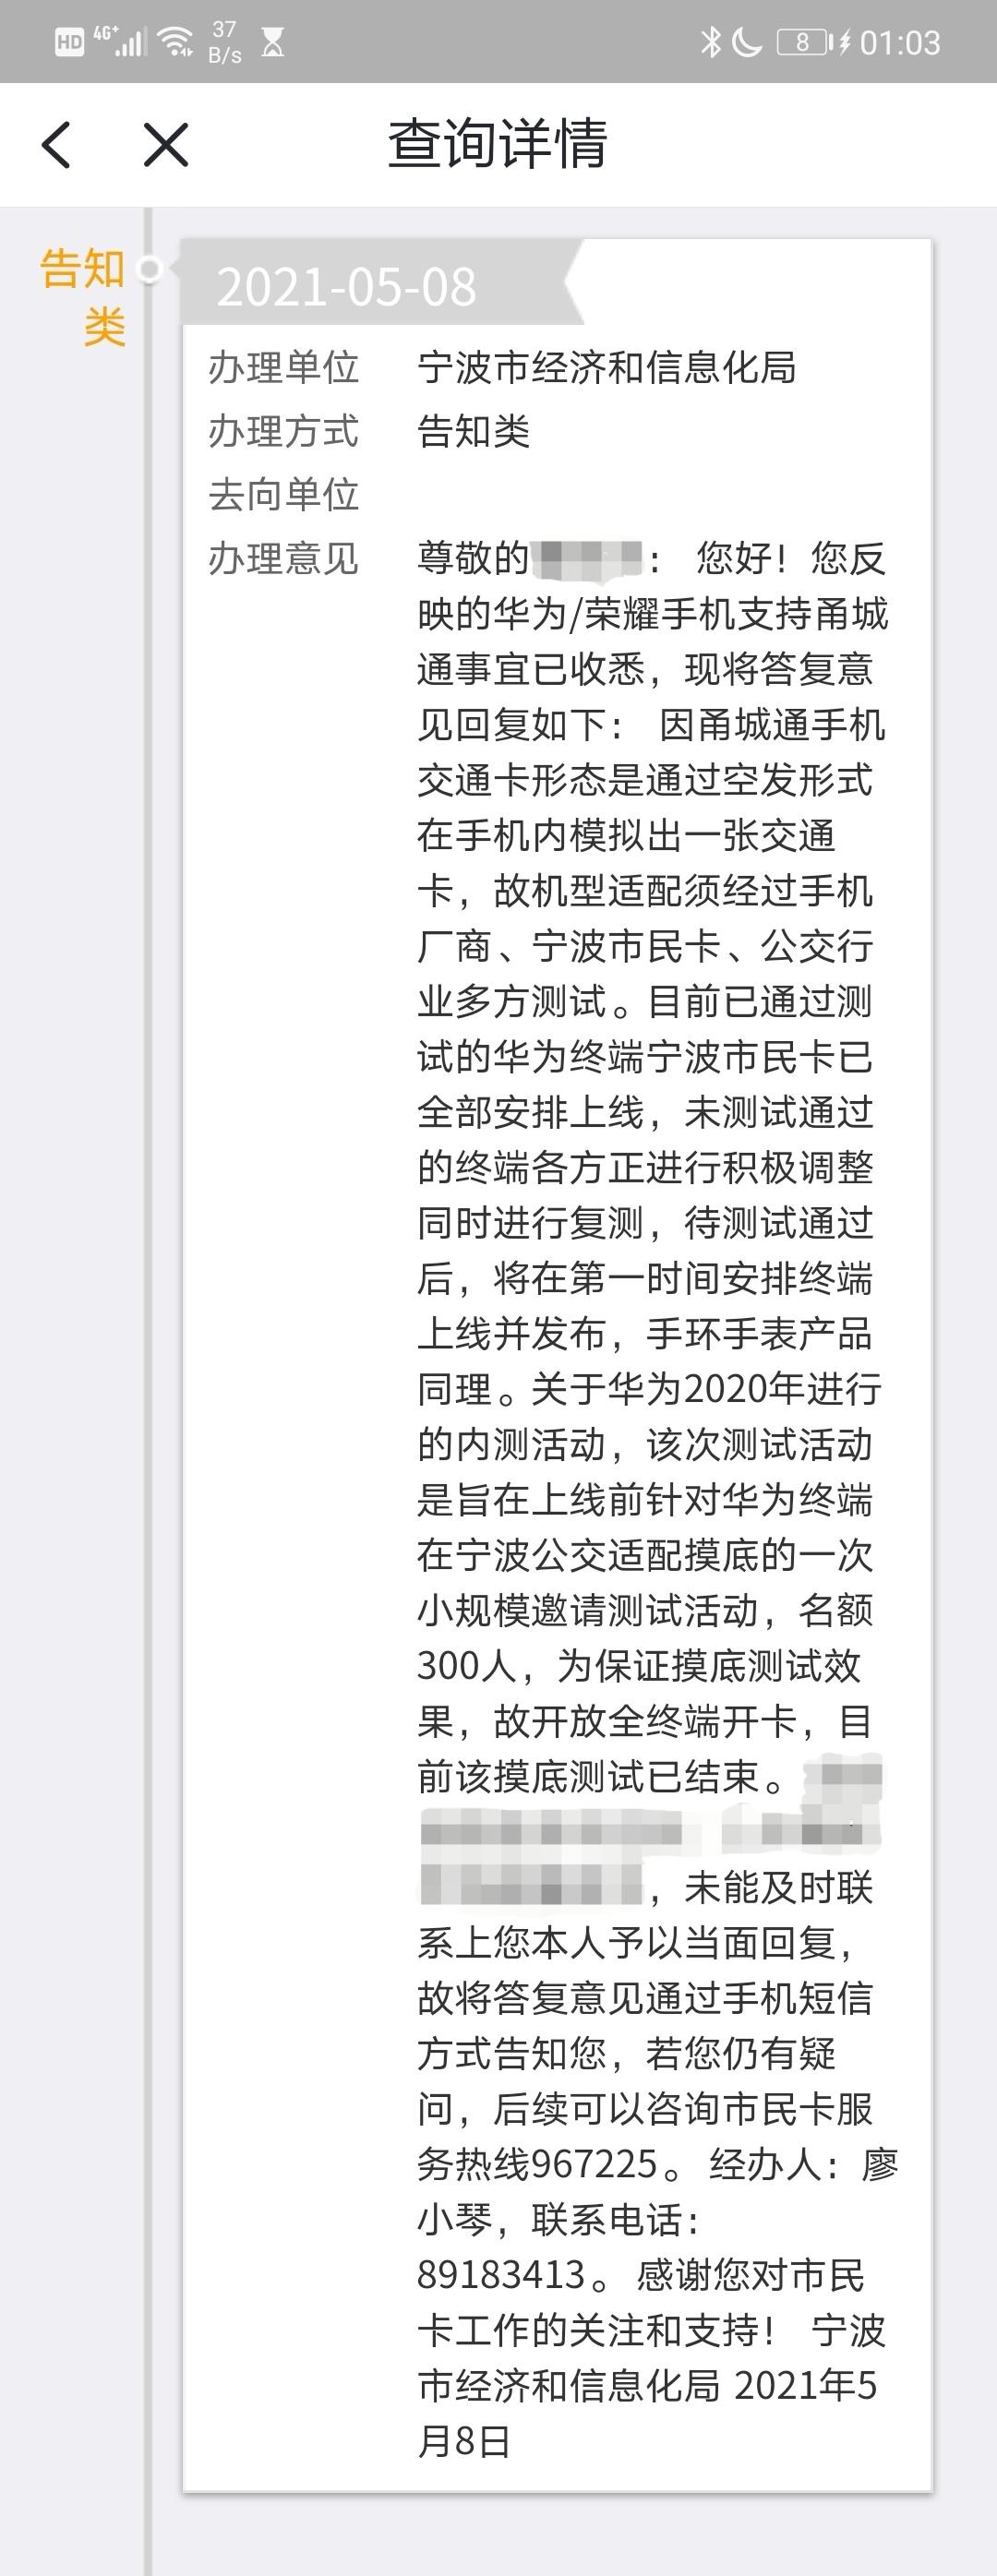 Screenshot_20210509_010734.jpg